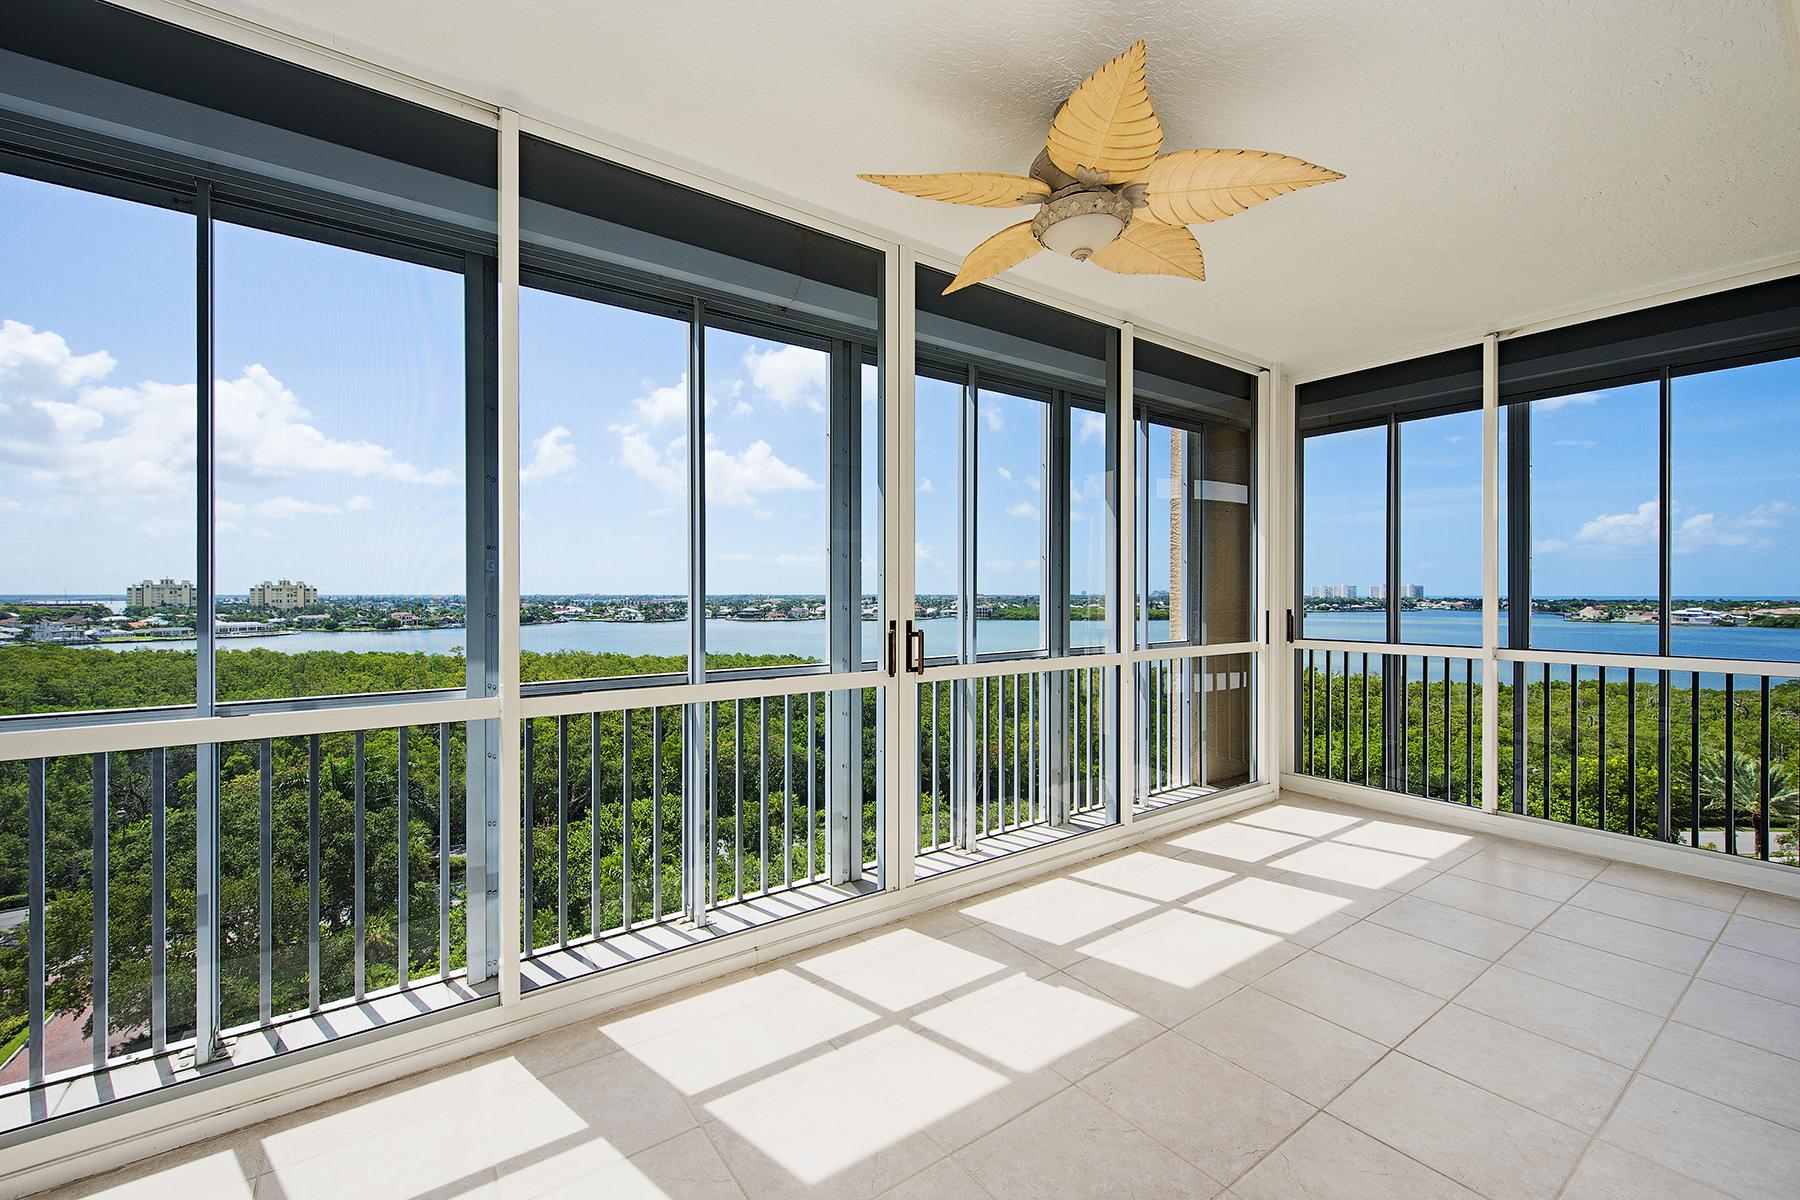 共管式独立产权公寓 为 销售 在 HIDEAWAY BEACH - RIVIERA 4000 Royal Marco Way 829 马可岛, 佛罗里达州, 34145 美国